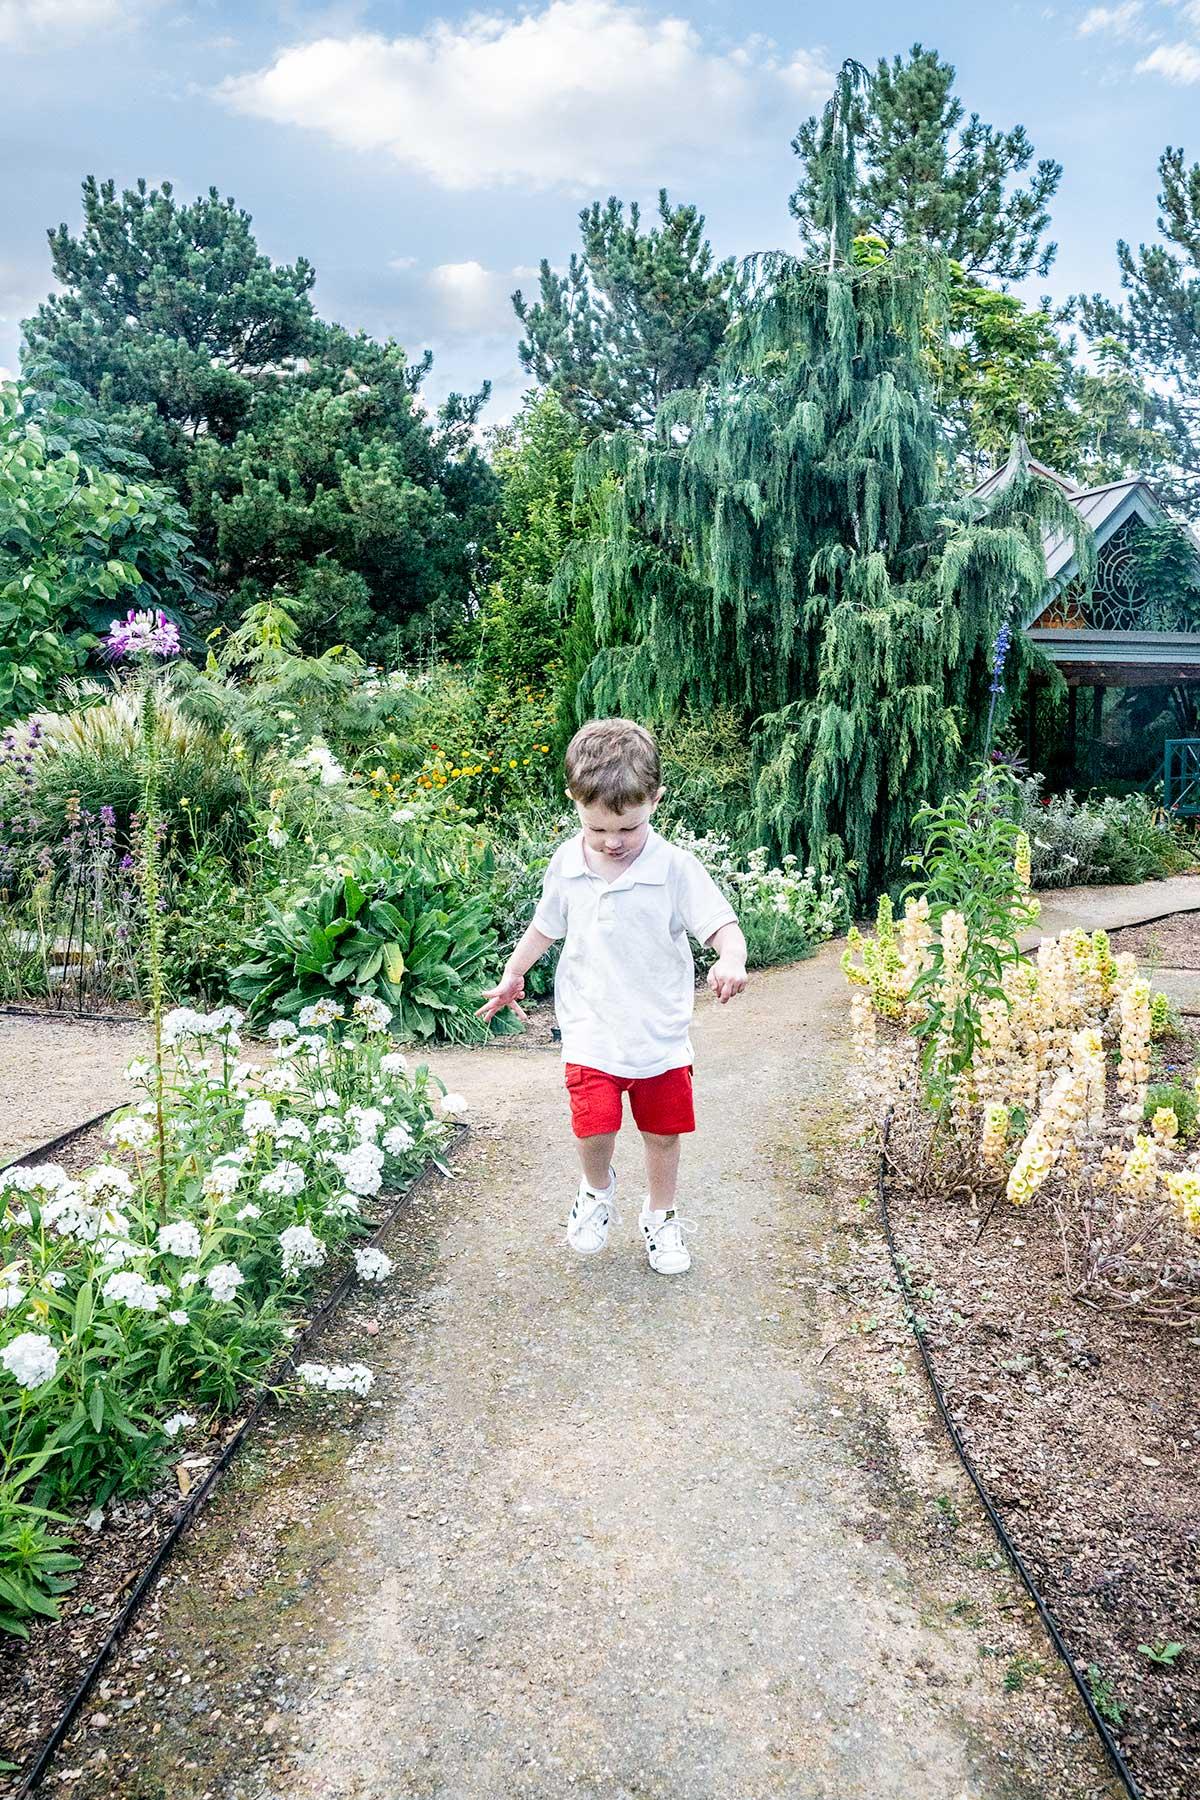 Walking-the-Paths-of-Denver-Botanic-Gardens